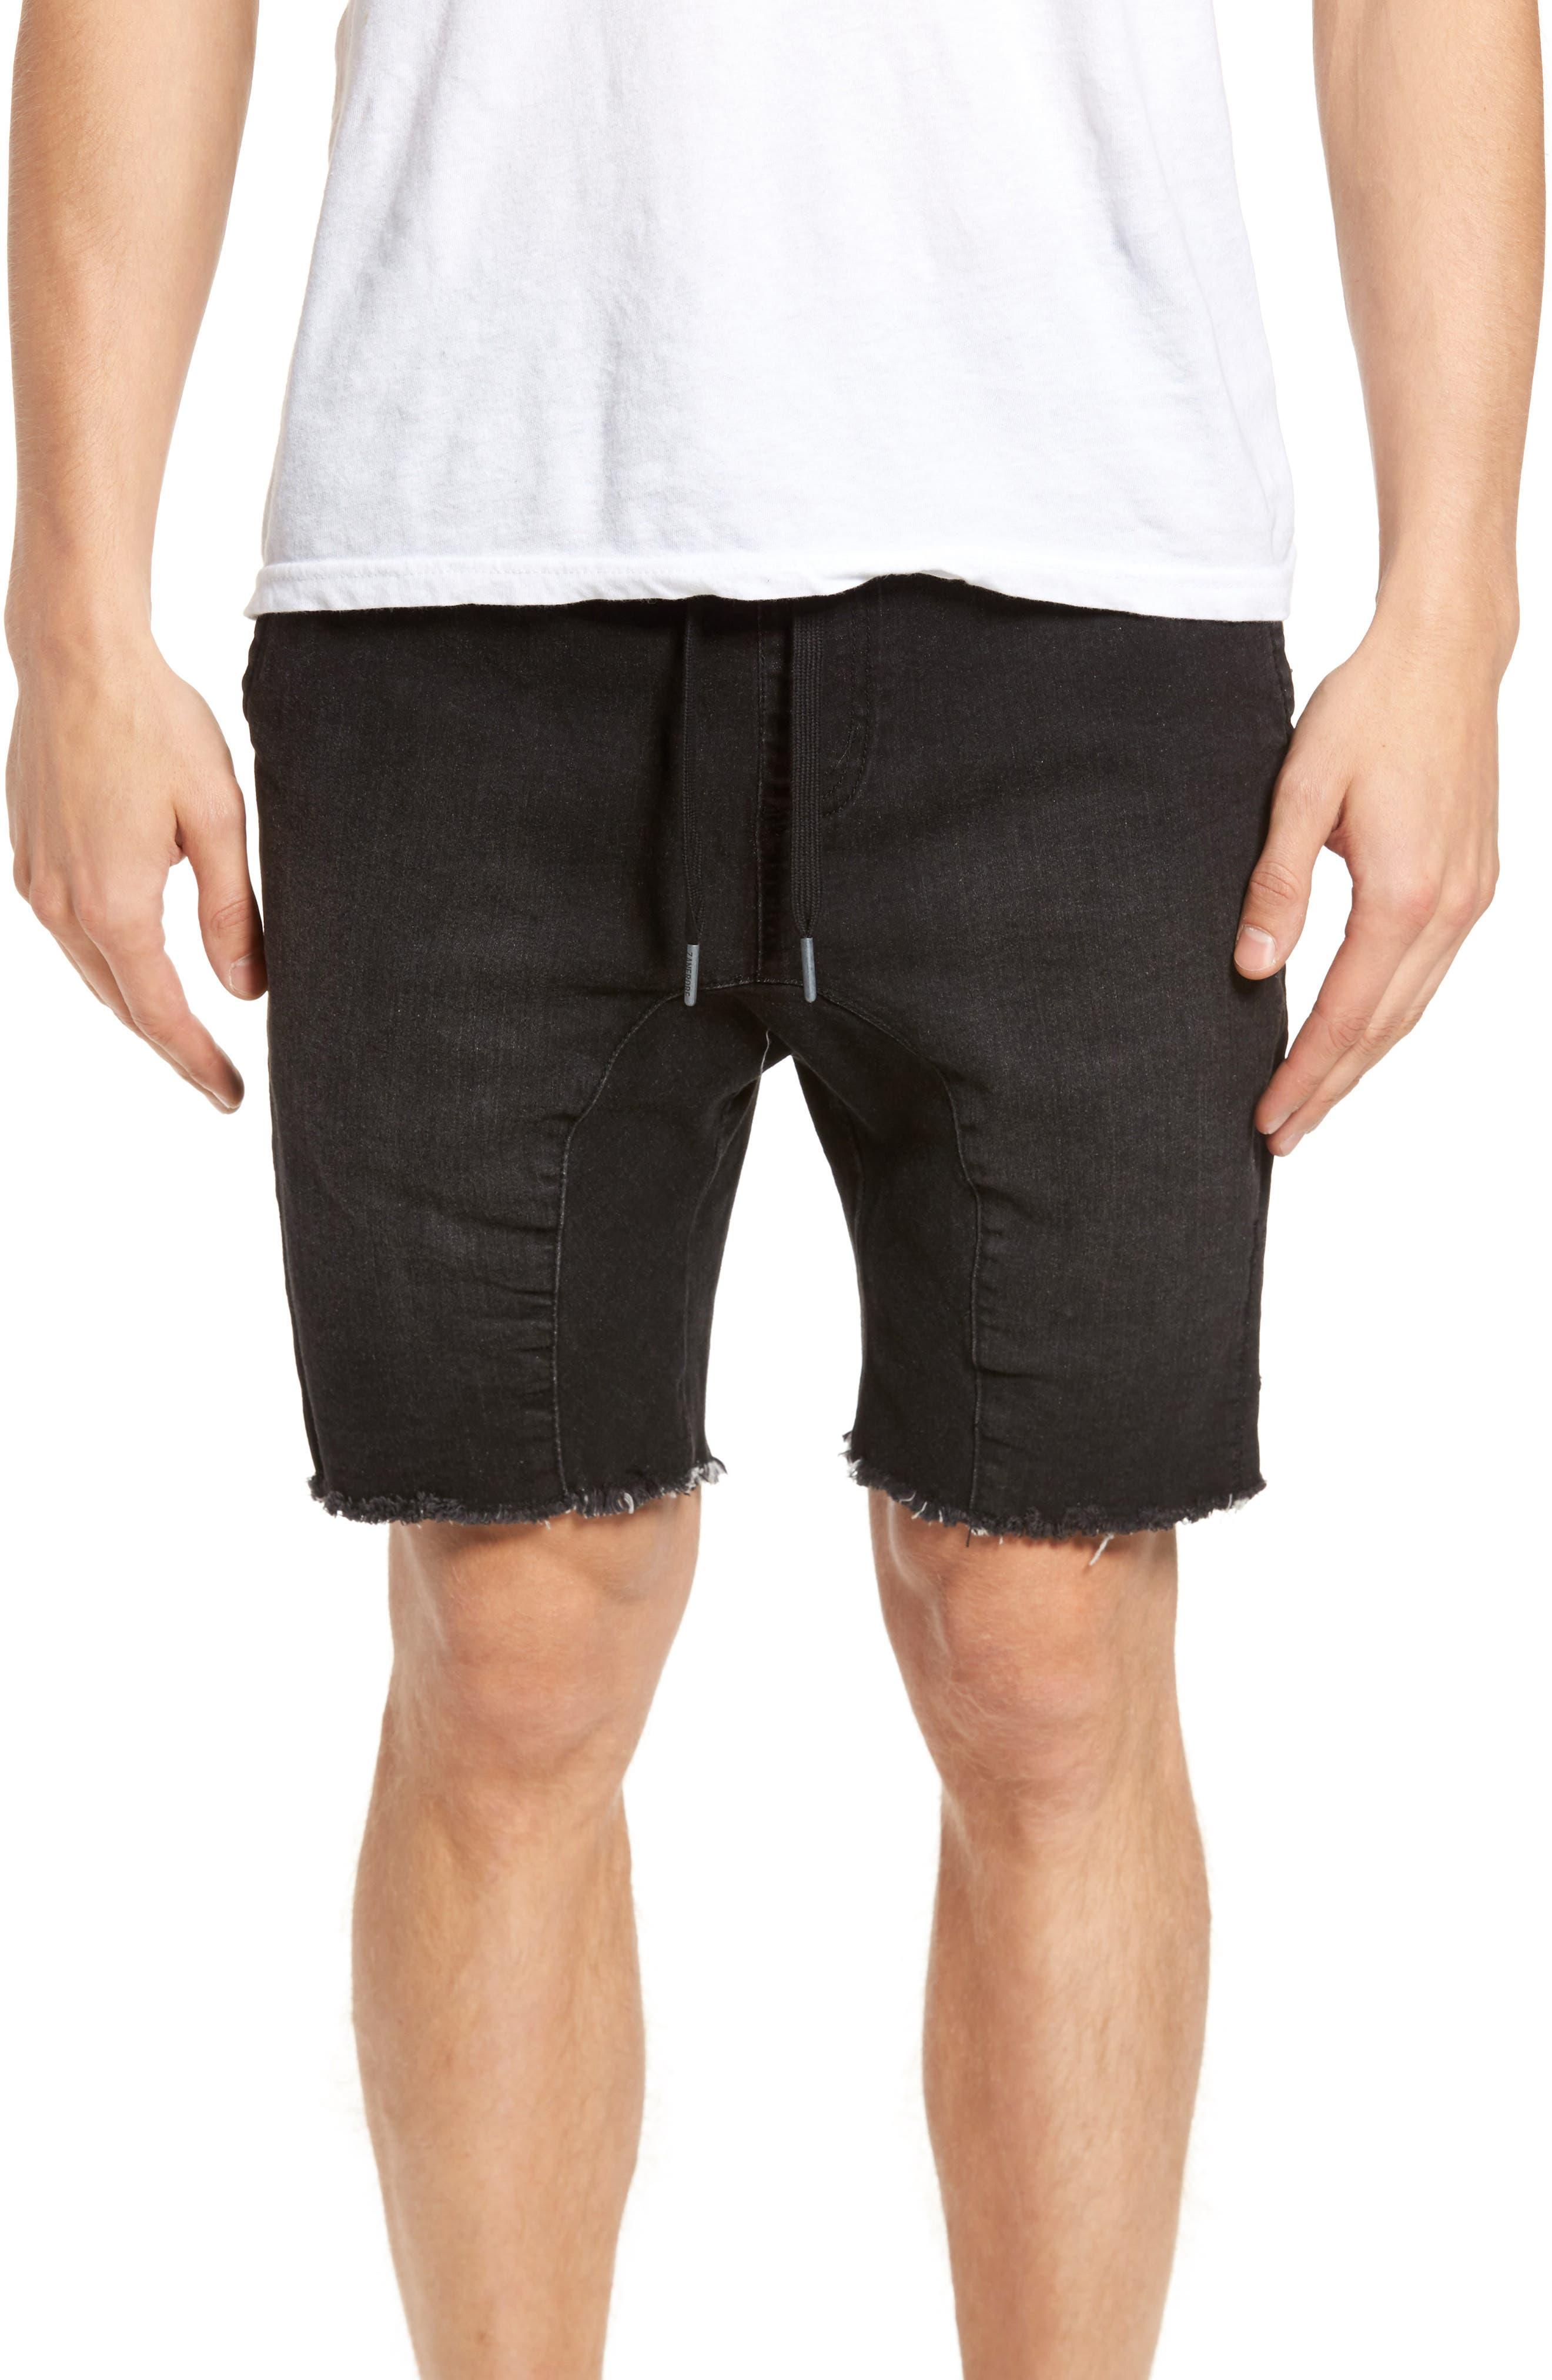 Sureshot Chino Shorts,                         Main,                         color, BLACK WASH